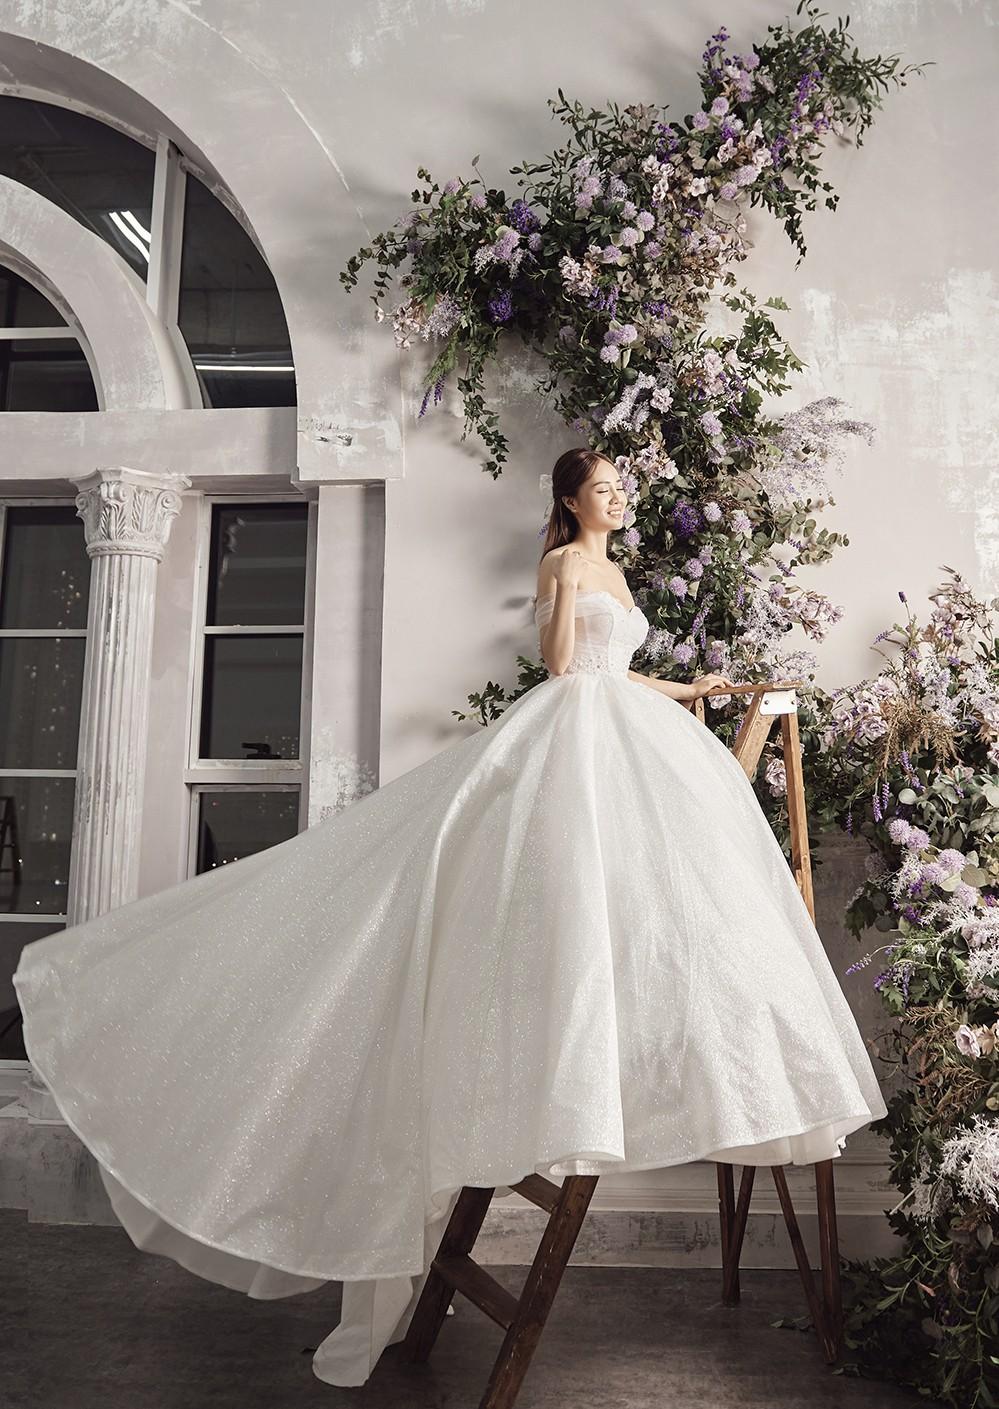 Vợ sắp cưới kém 15 tuổi của NSND Công Lý xinh đẹp lộng lẫy khi mặc váy cô dâu ảnh 8